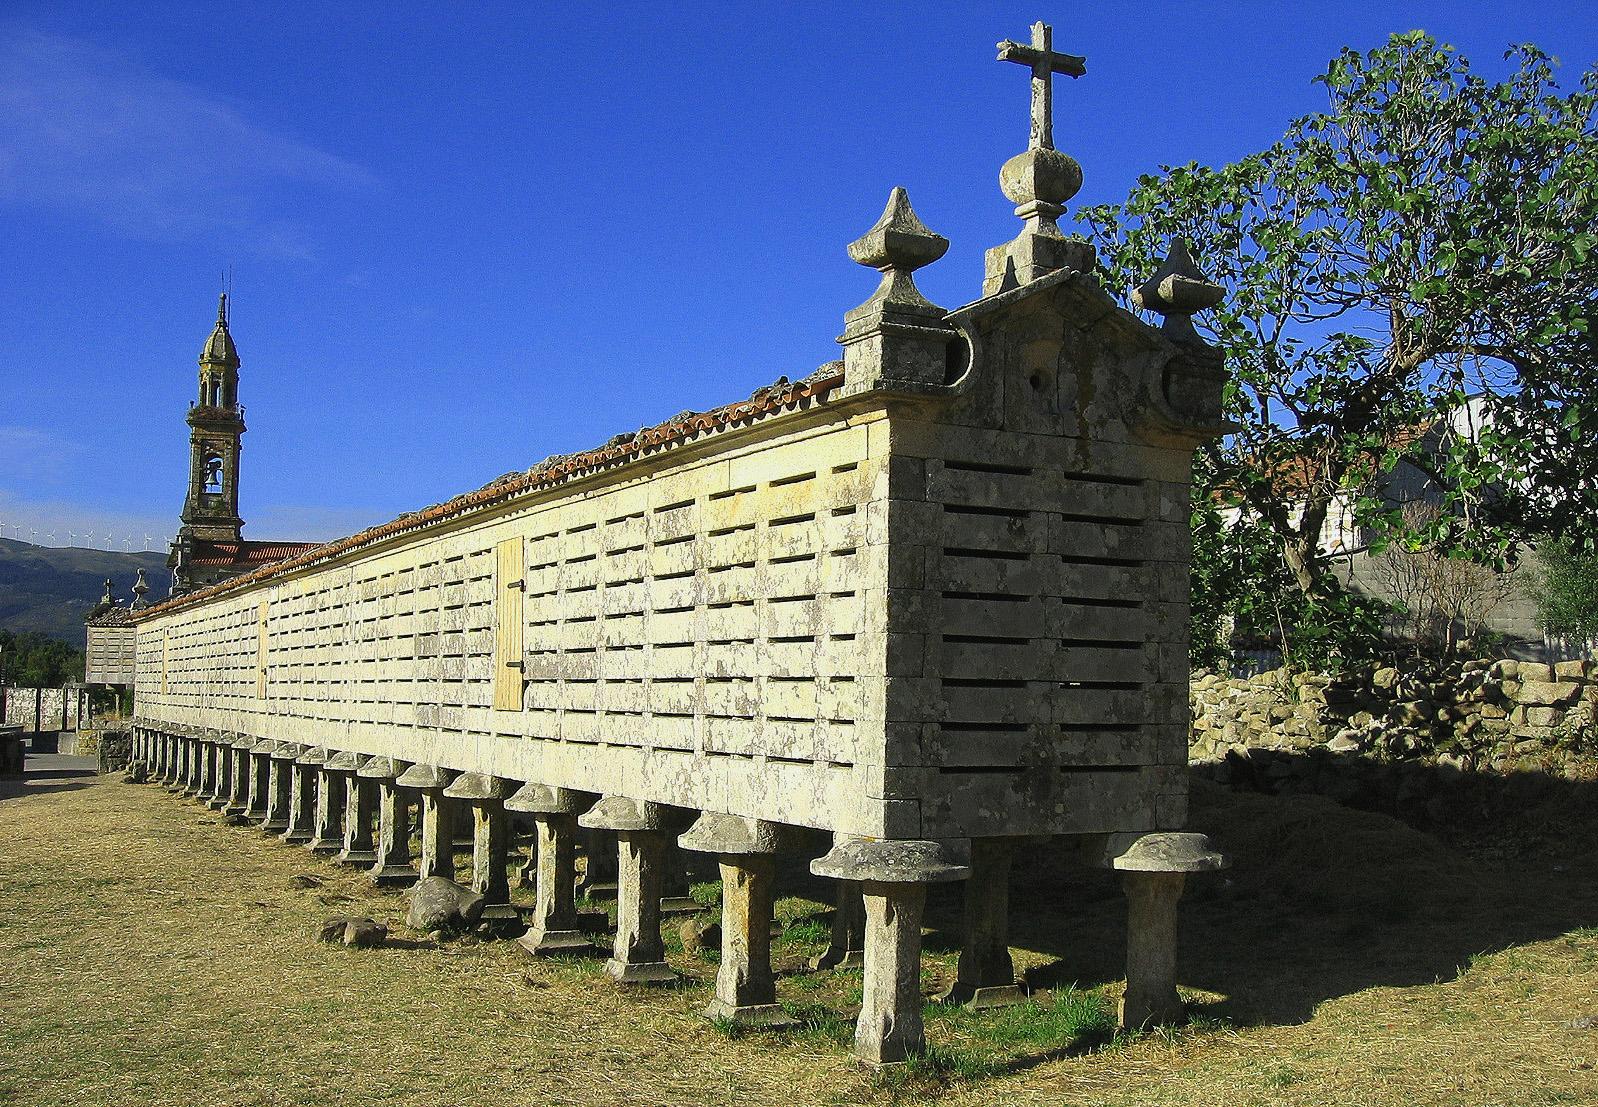 The Carnota «Hórreo»